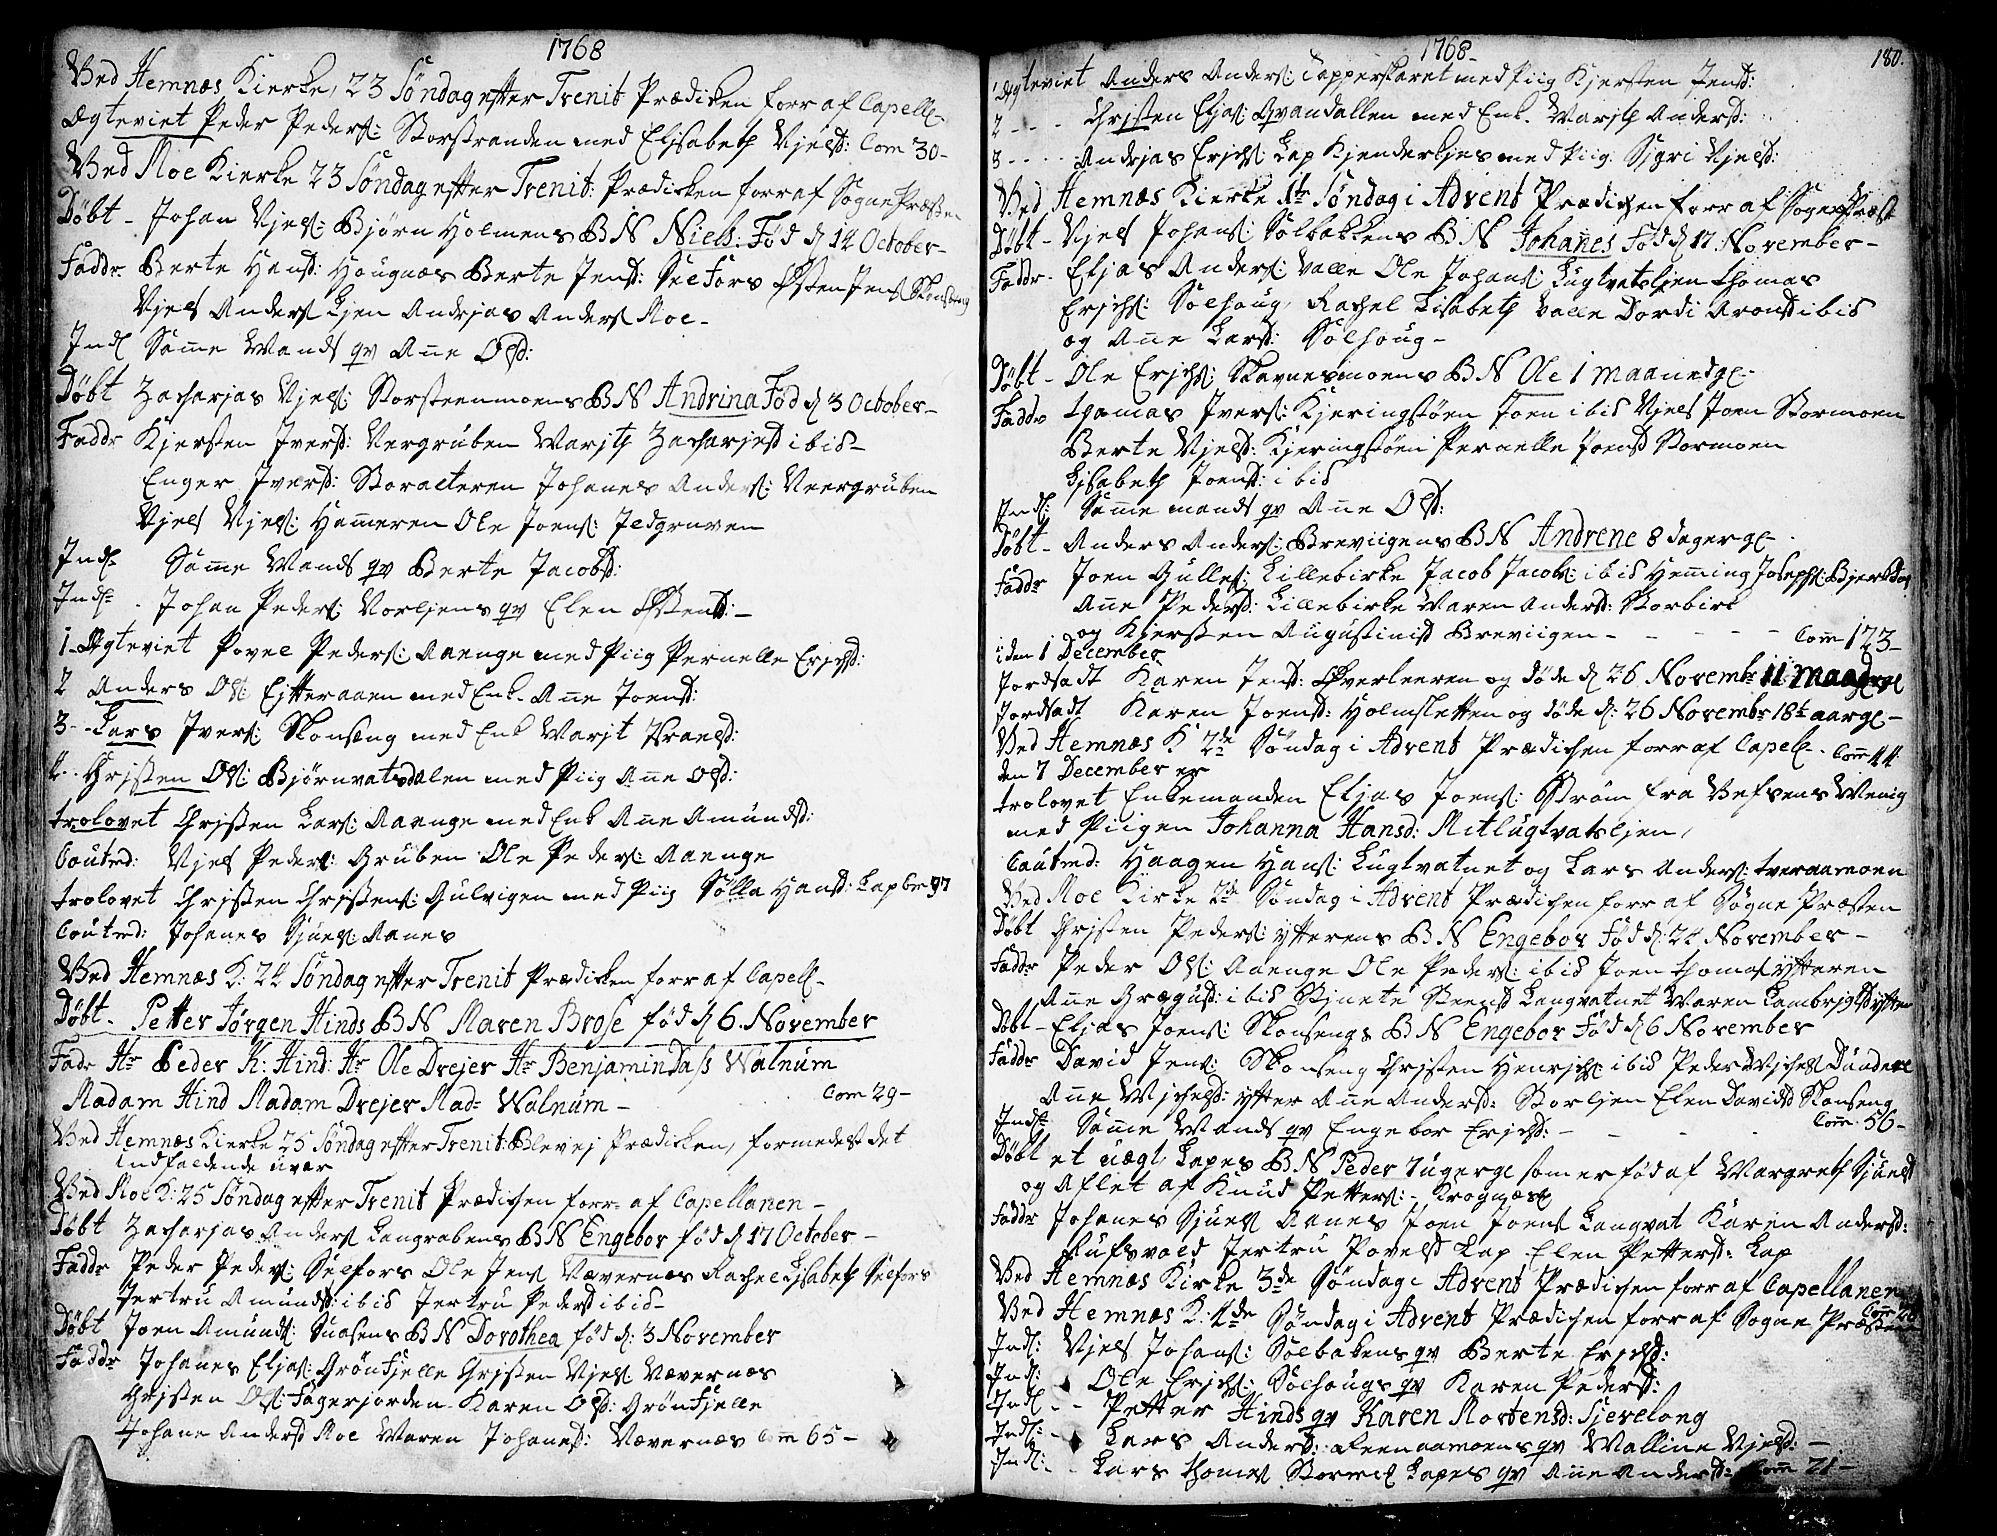 SAT, Ministerialprotokoller, klokkerbøker og fødselsregistre - Nordland, 825/L0348: Parish register (official) no. 825A04, 1752-1788, p. 180